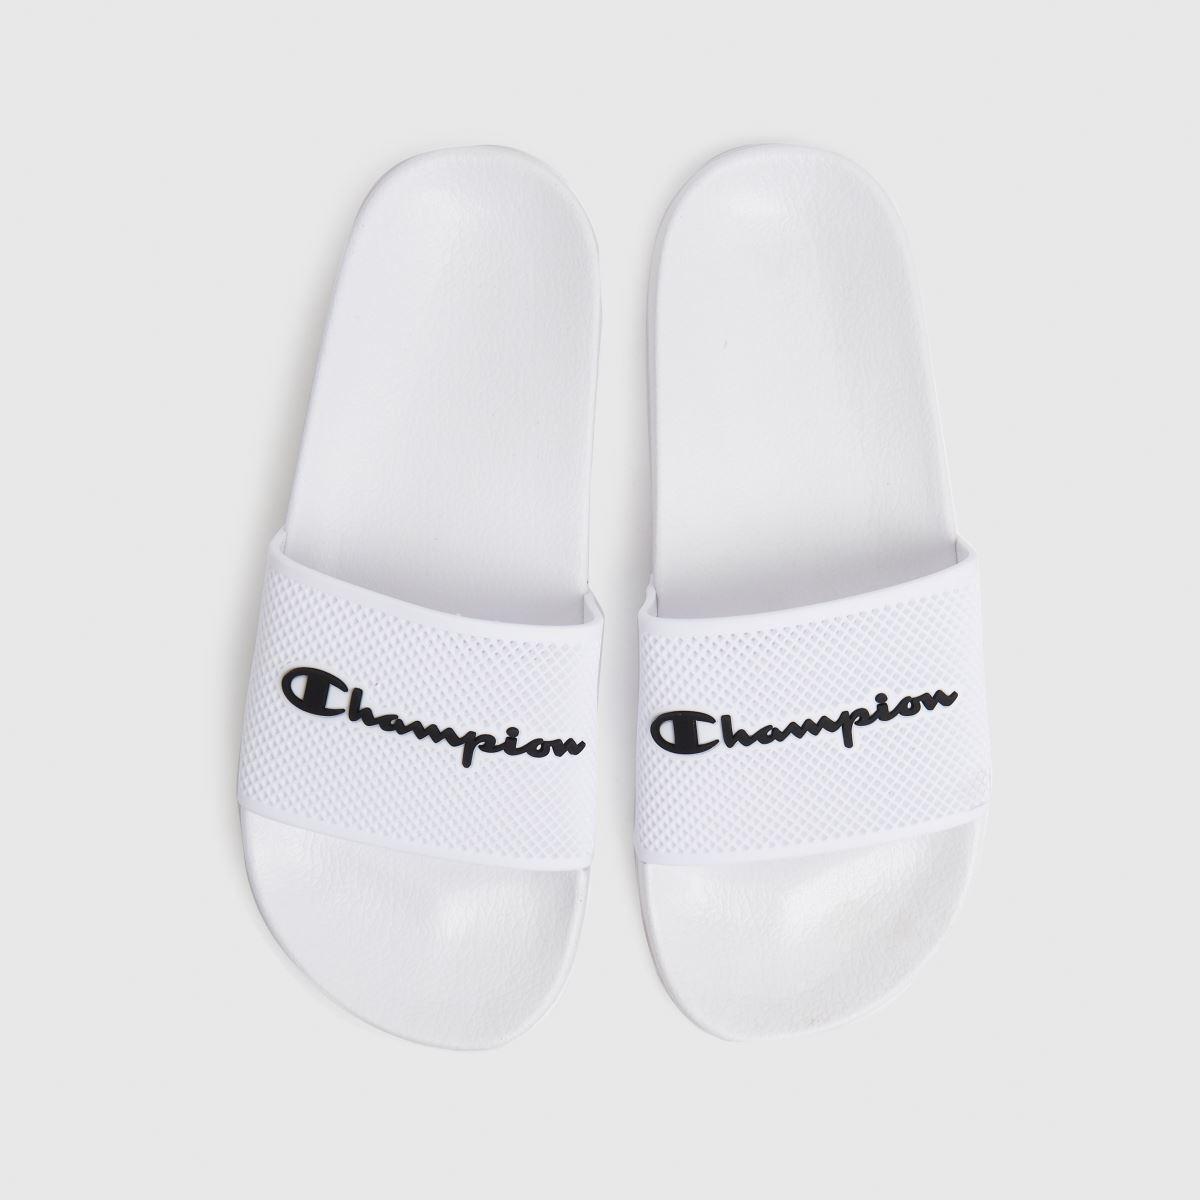 Champion White & Black Daytona Sandals